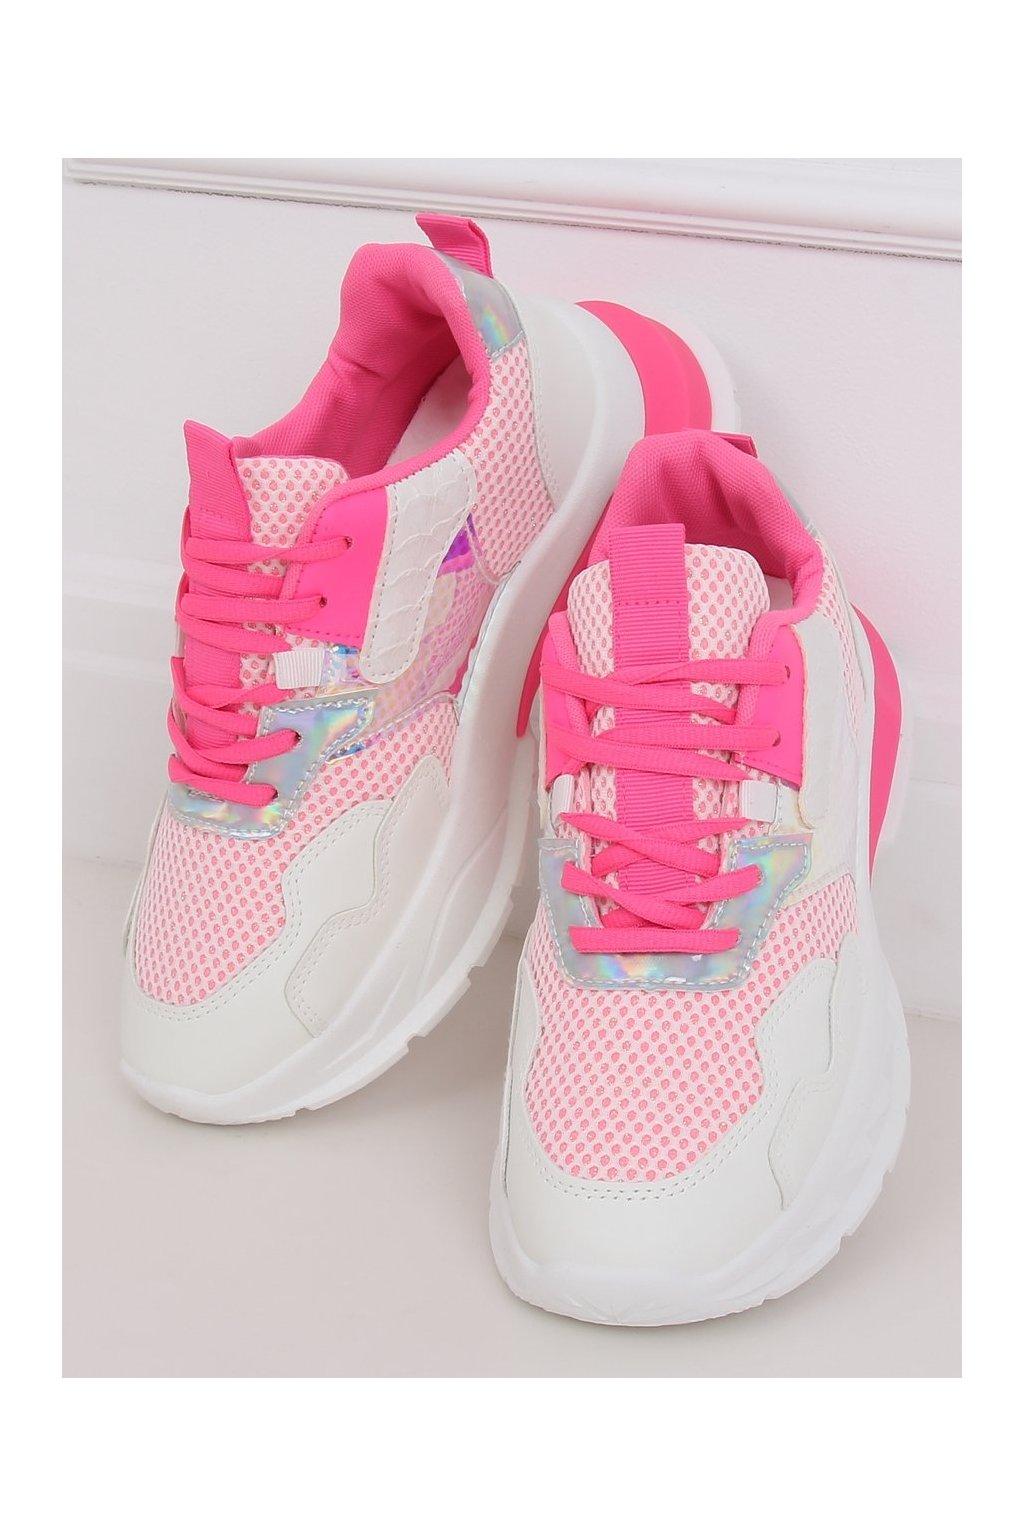 Dámske tenisky ružové BH003